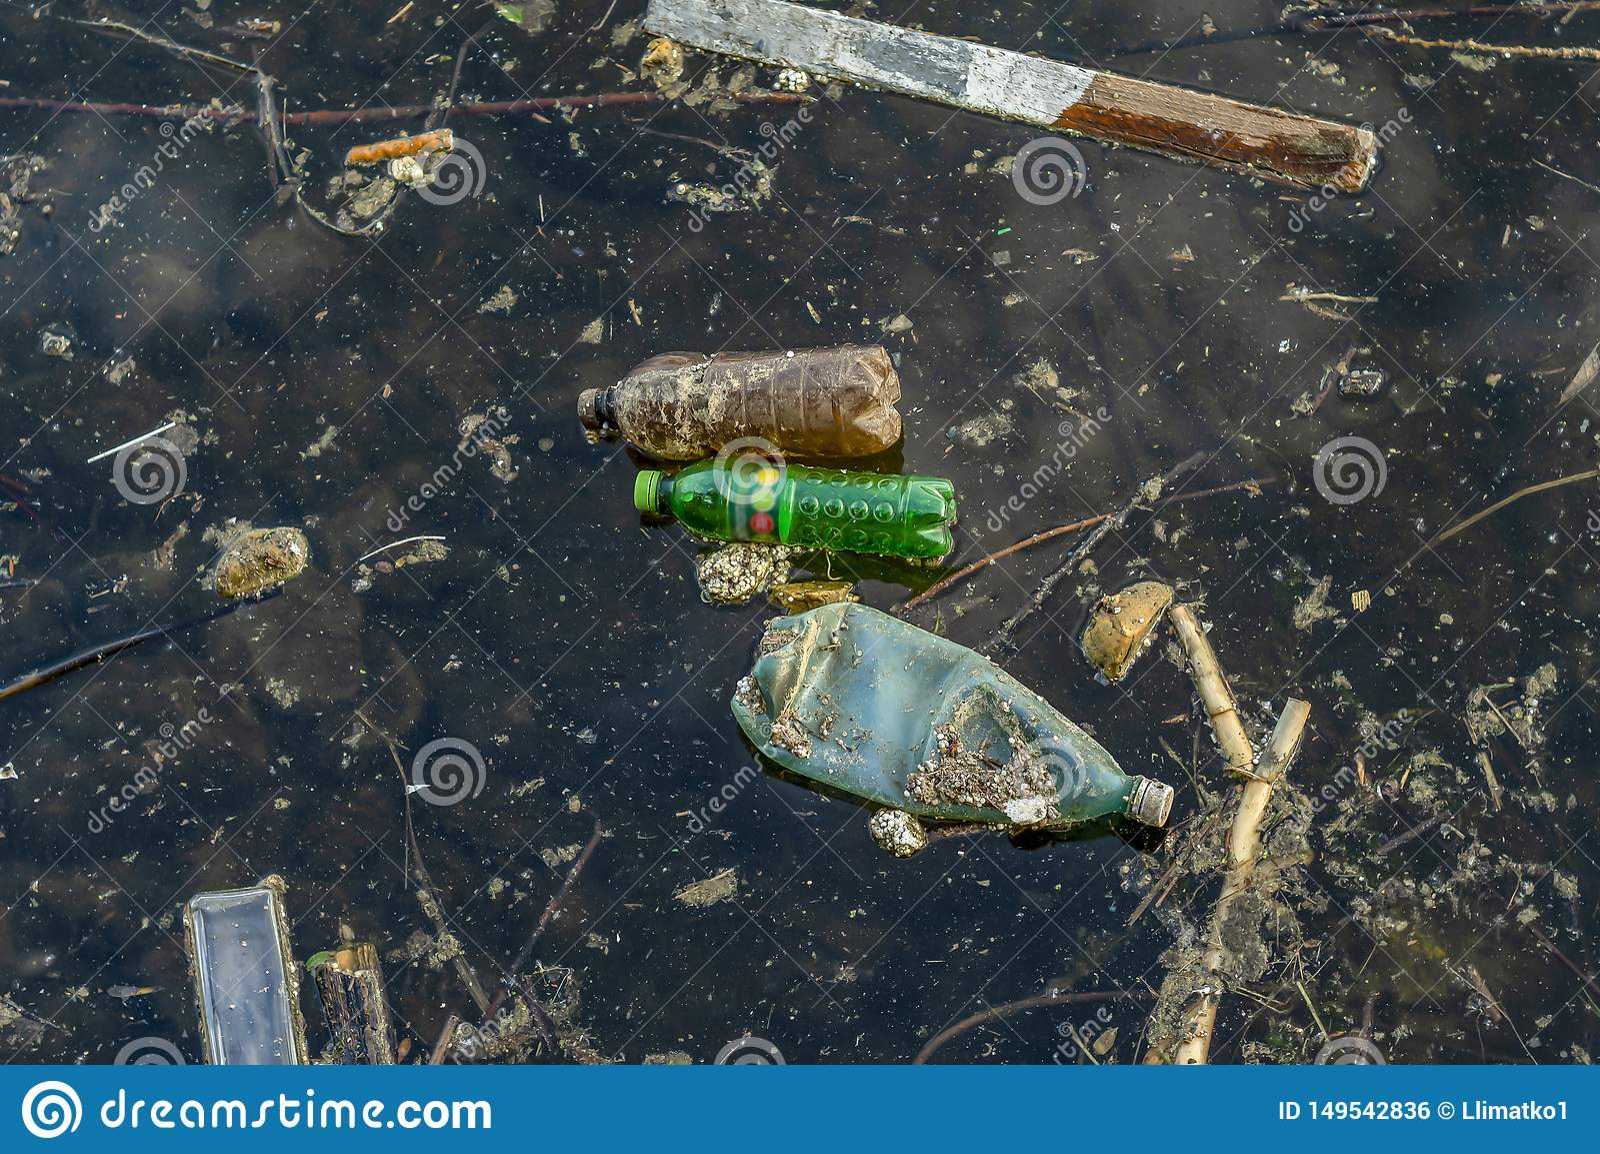 垃圾在水中 一个被污染的池塘的照片